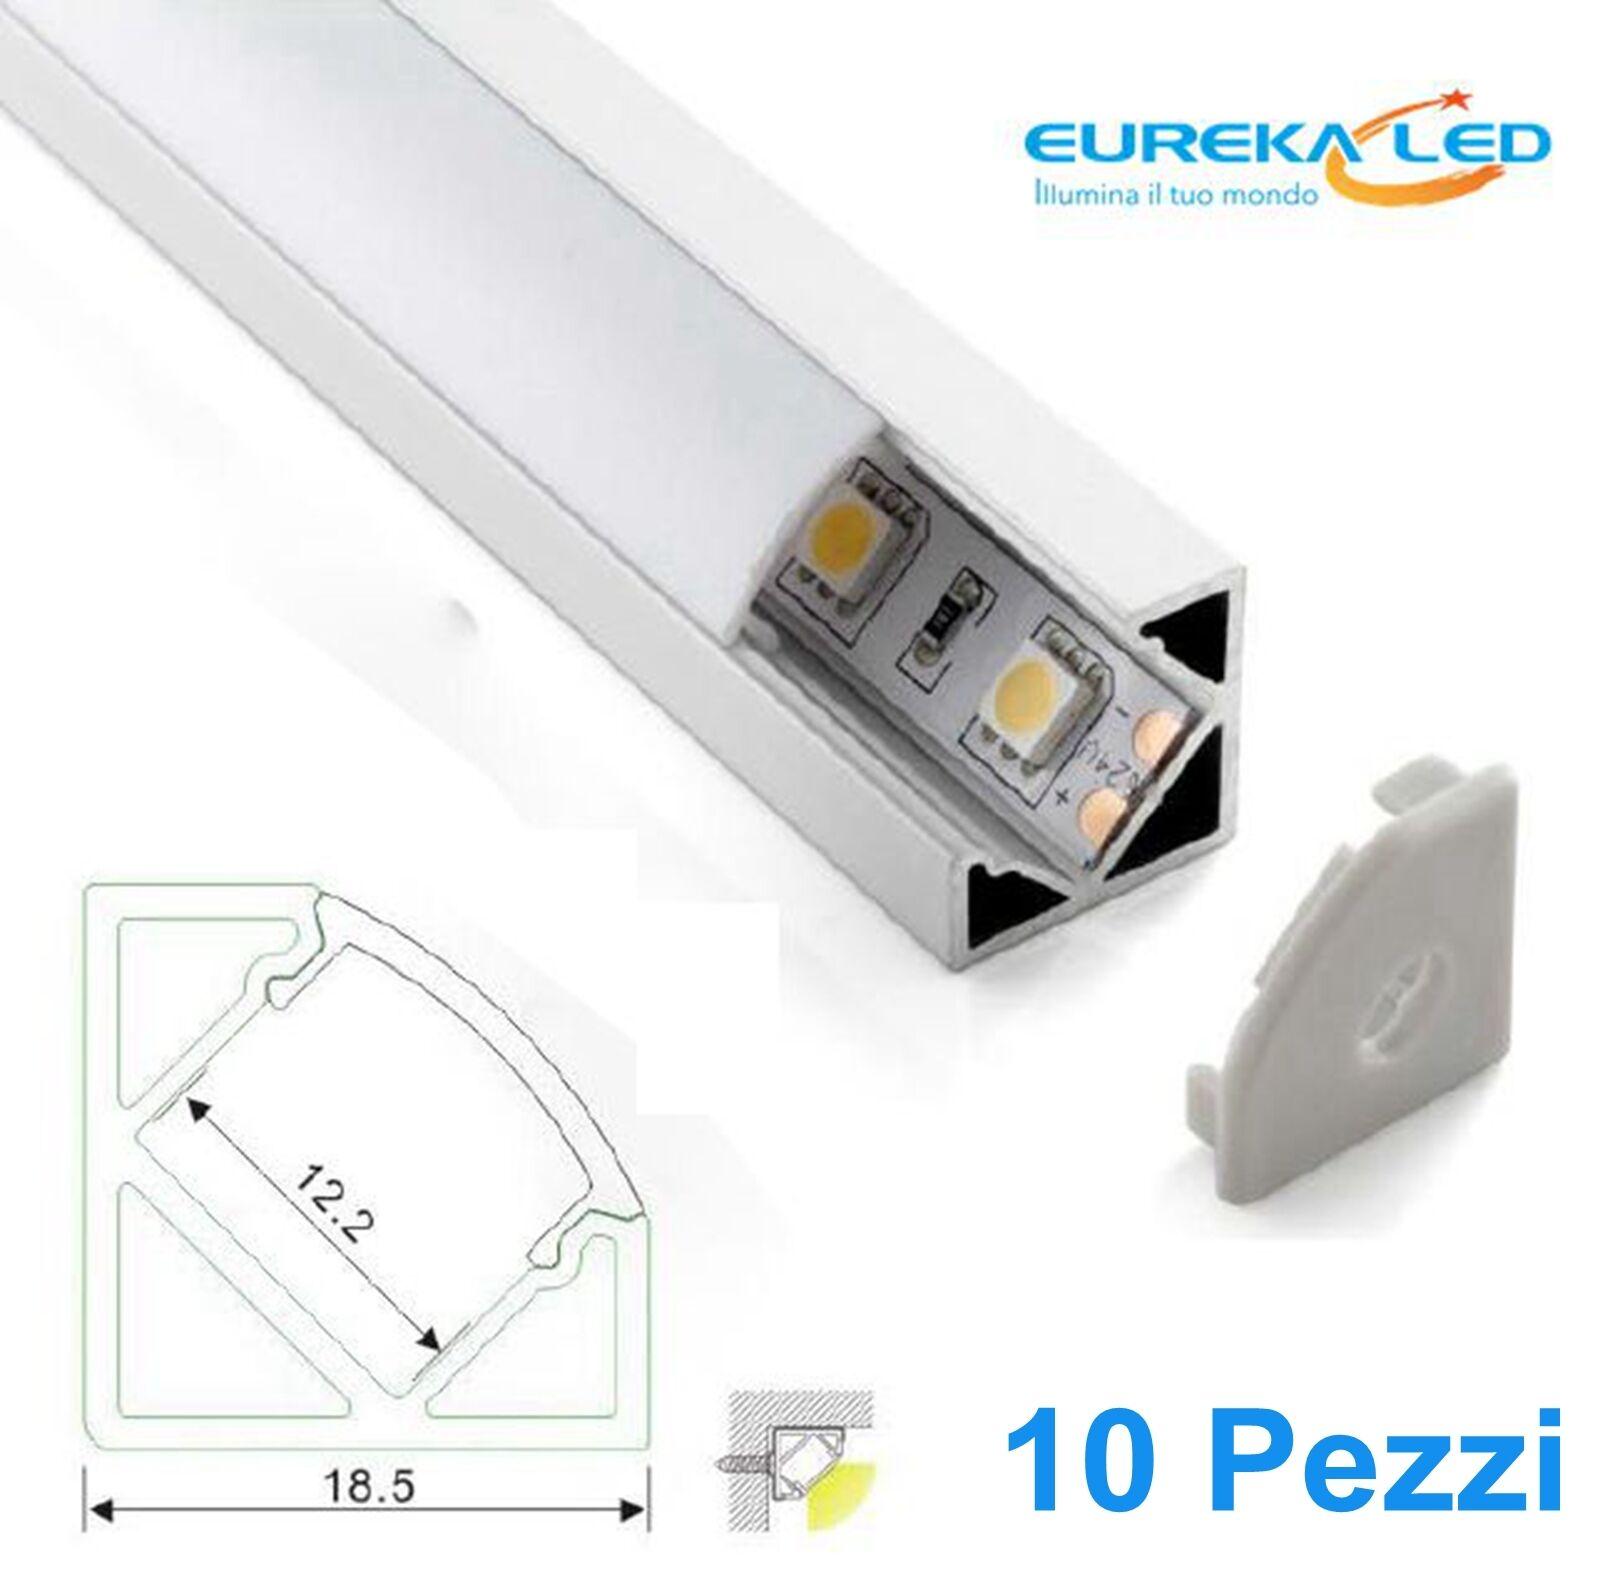 10 10 10 pezzi Profilo alluminio Angolare 2mt  Striscia Led Barra Supporto per strip 1026d2